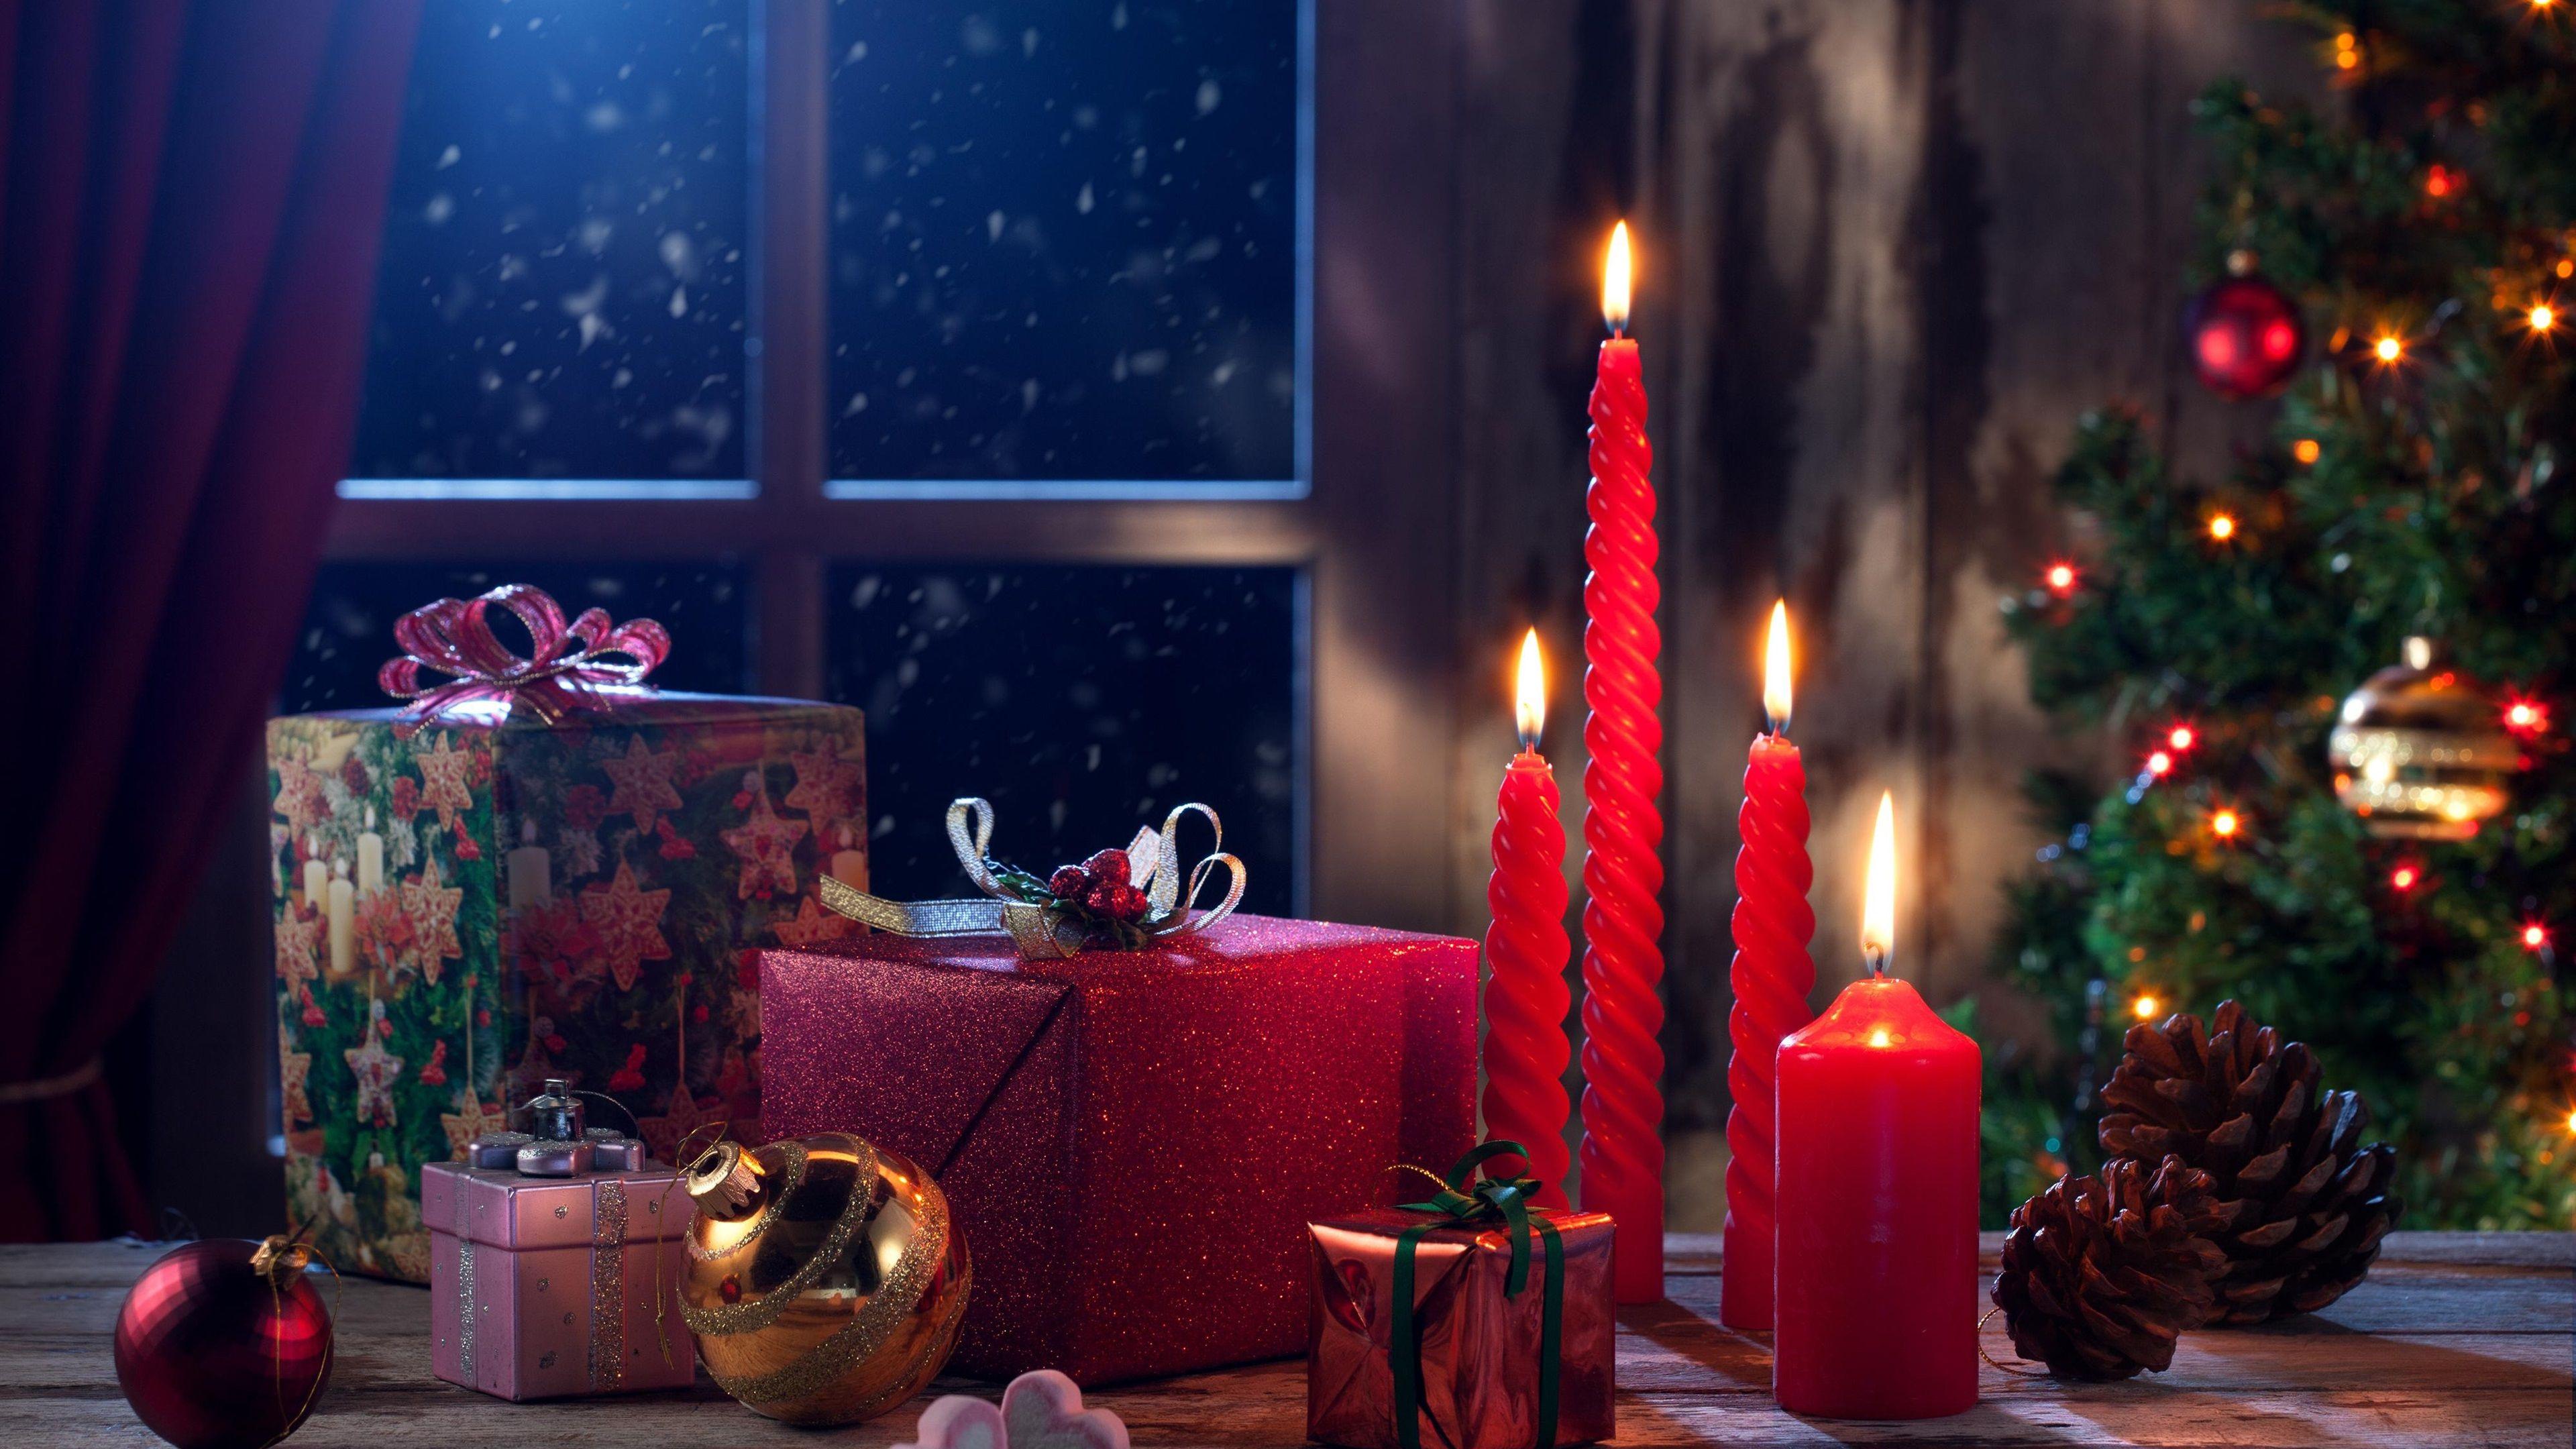 Joyeux Noël, Bonne Année, cadeaux, bougies, feu Fonds d